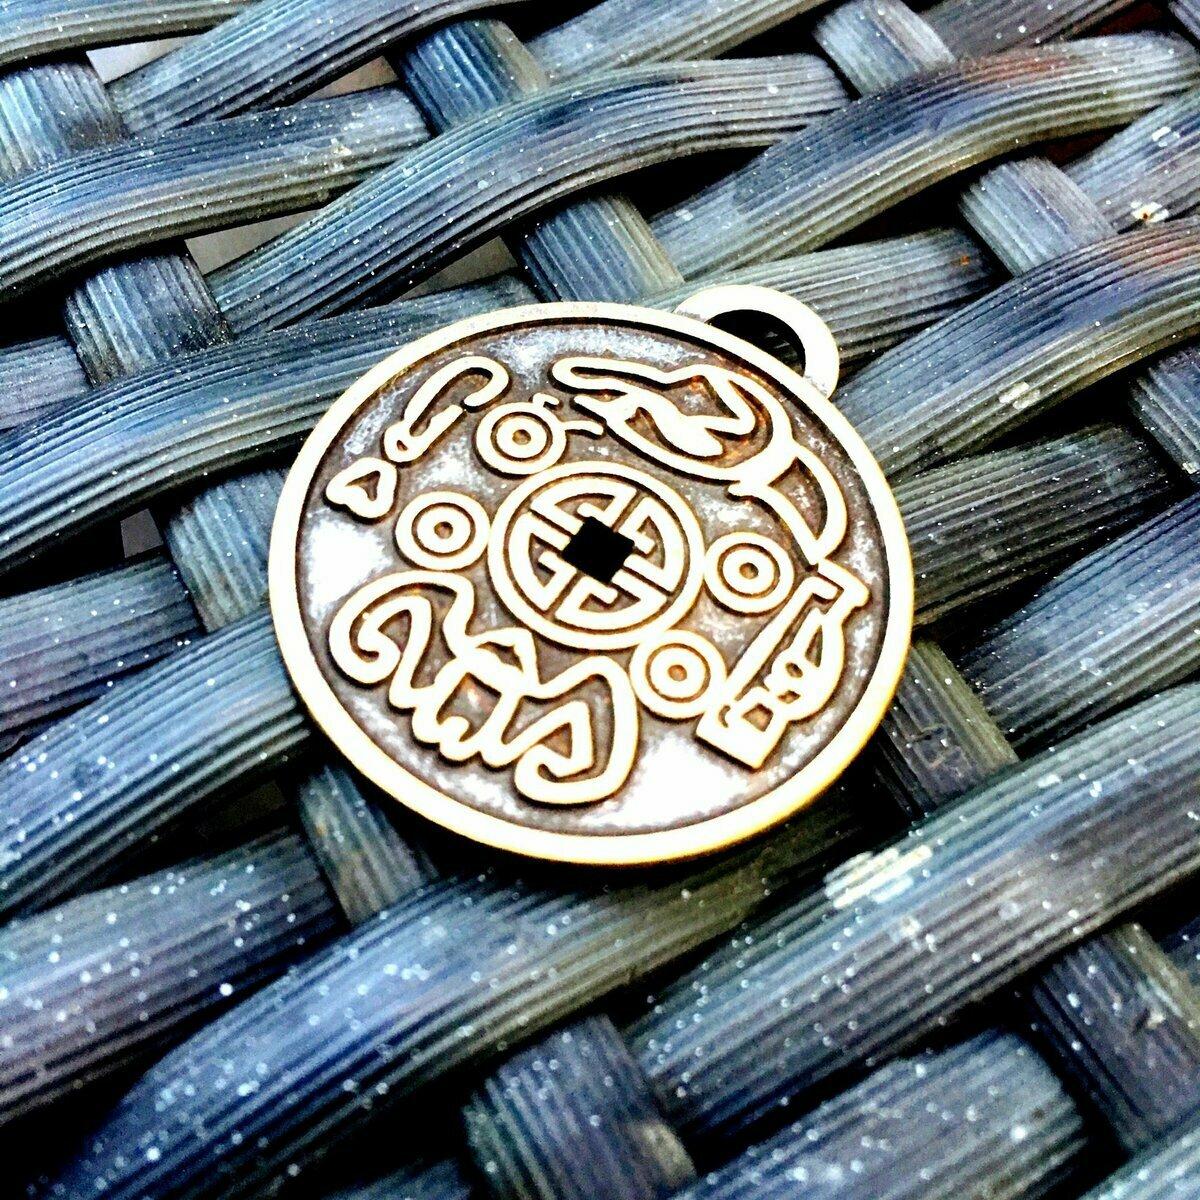 Money Amulet - талисман приносящий удачу в Рыбинске